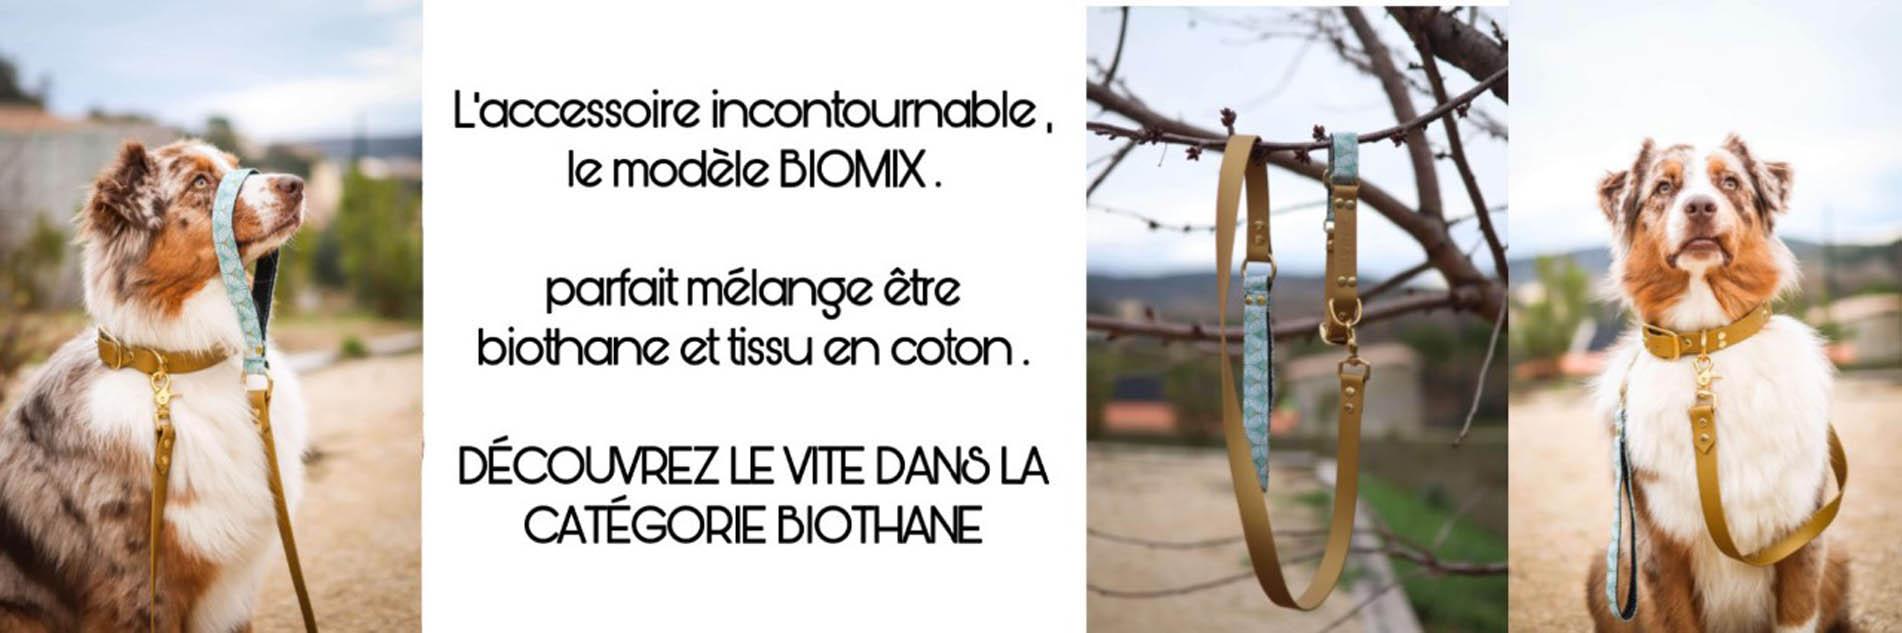 banniere2.jpg